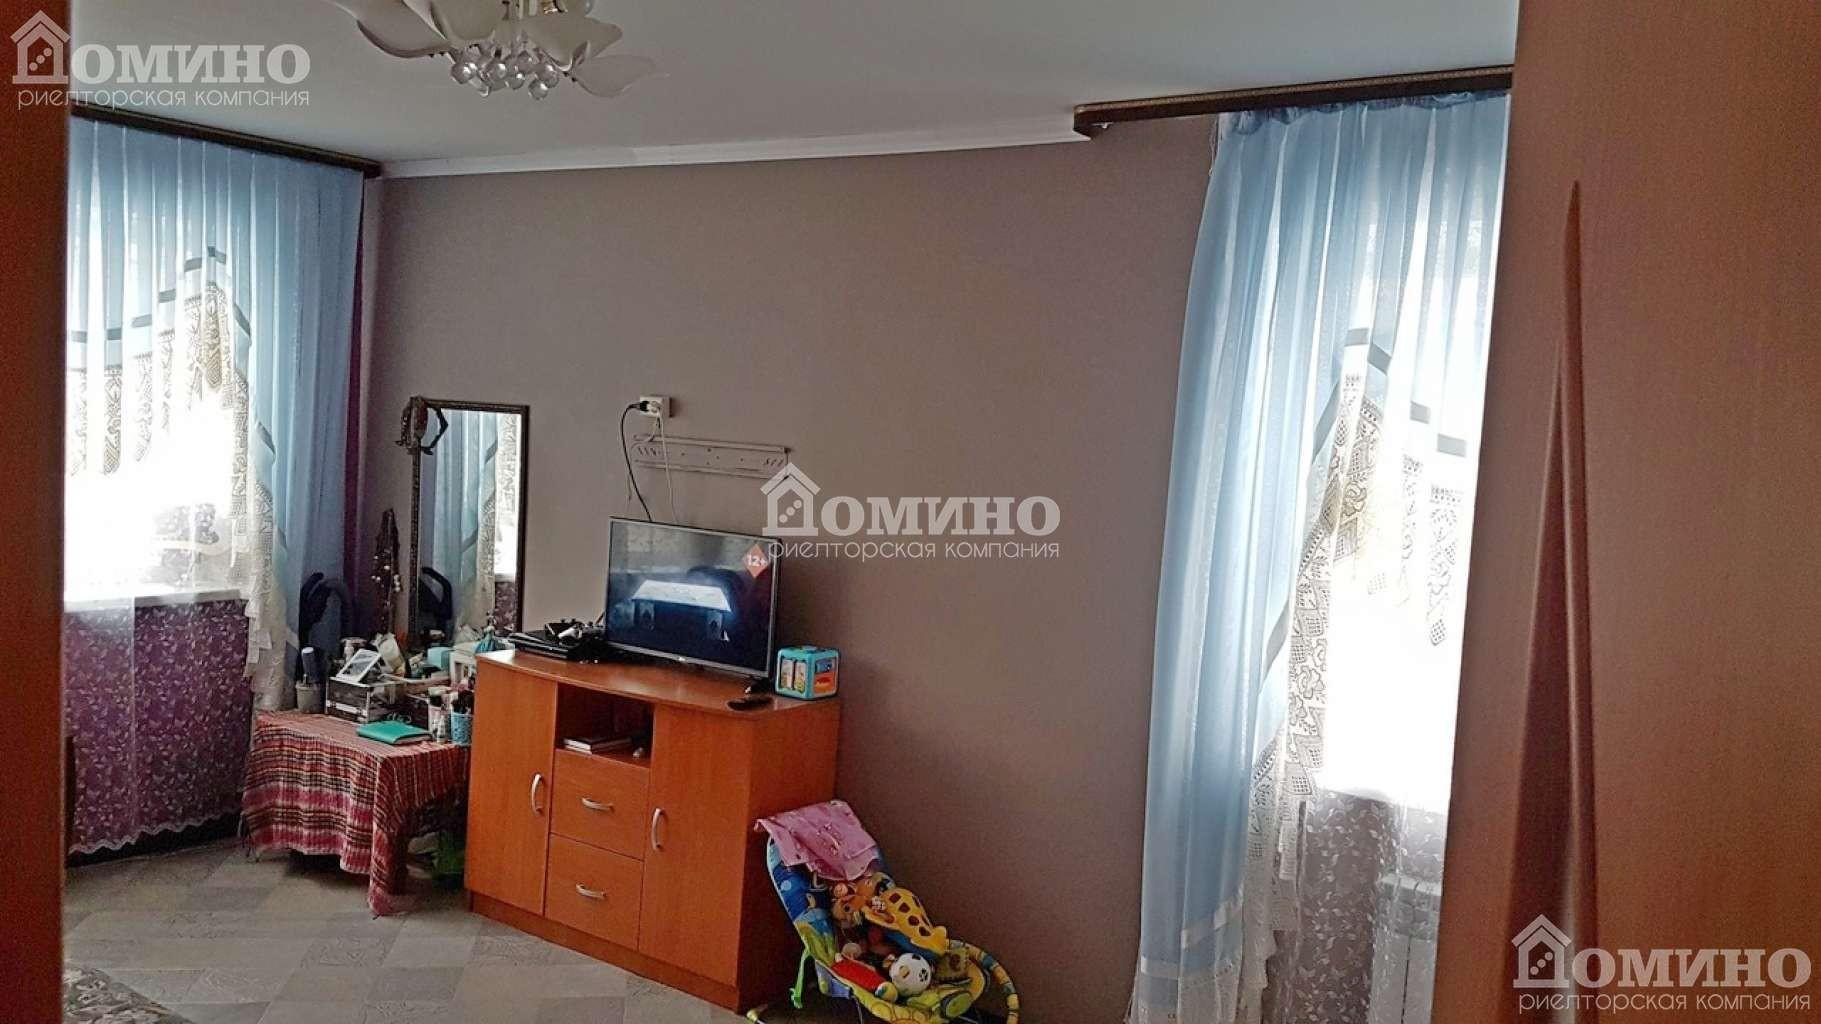 Шлюхи в Тюмени пер 5-й Степной проститутки негритянки онлайн